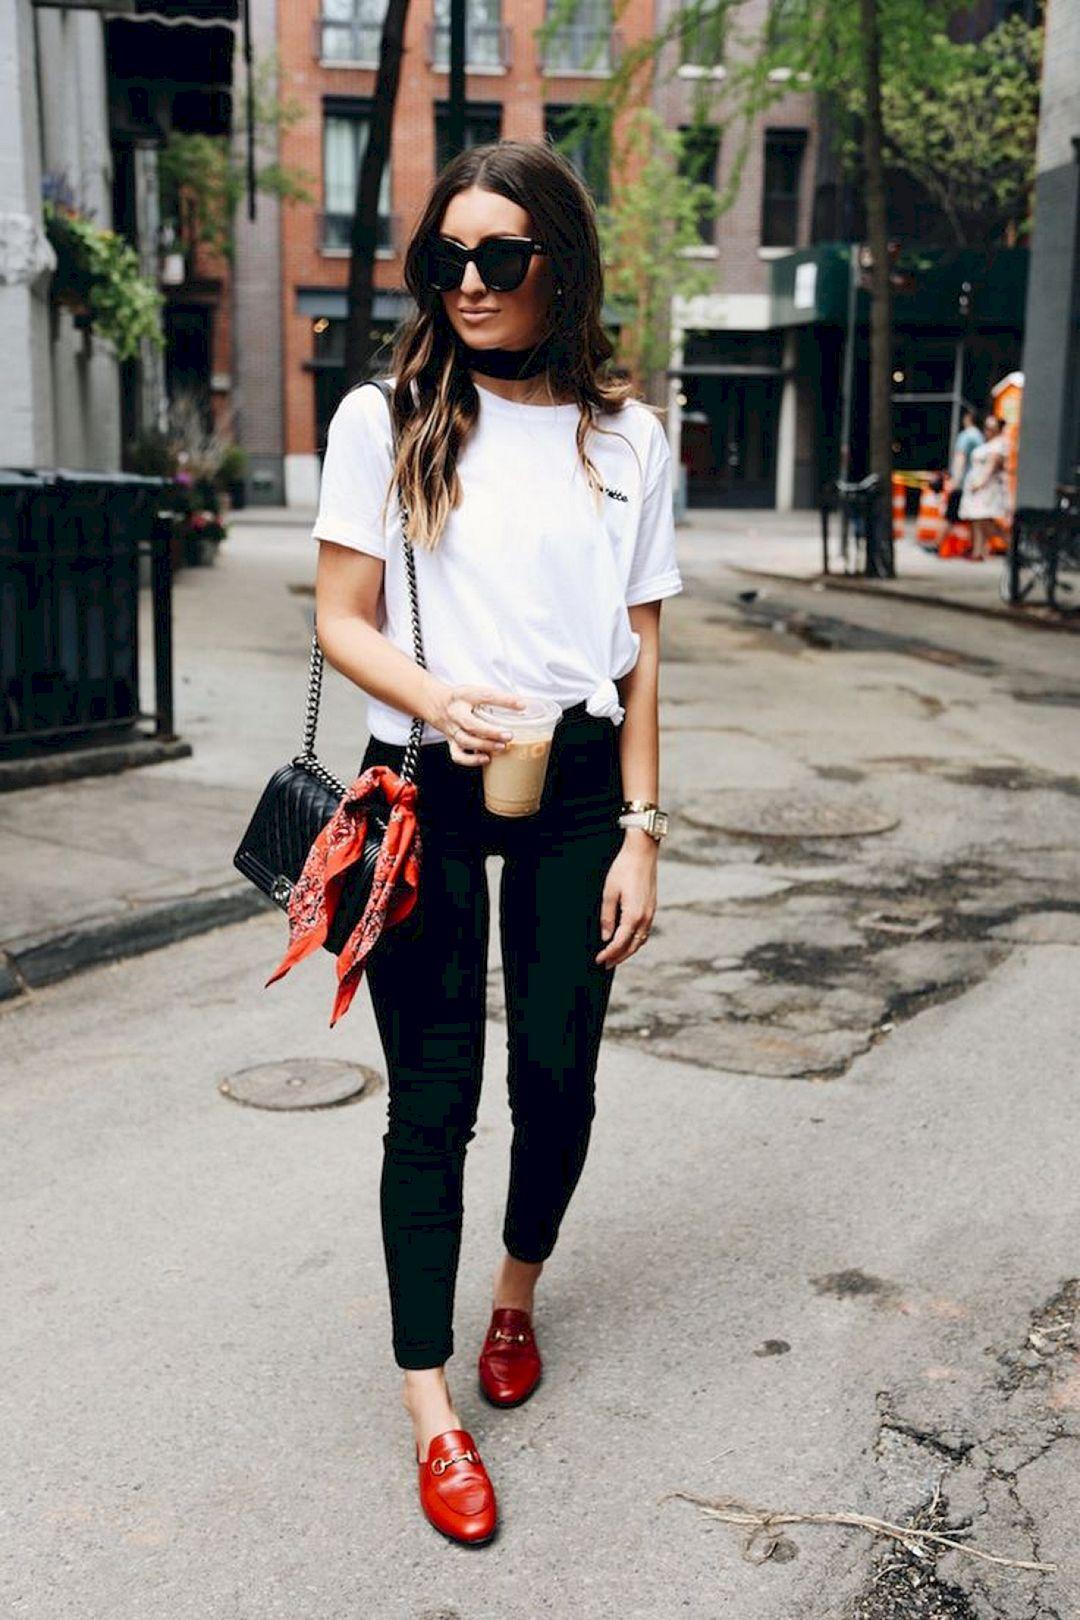 f0686ea73c3 Chica caminando por la calle usando un outfit blanco y negro con zapatos  rojos